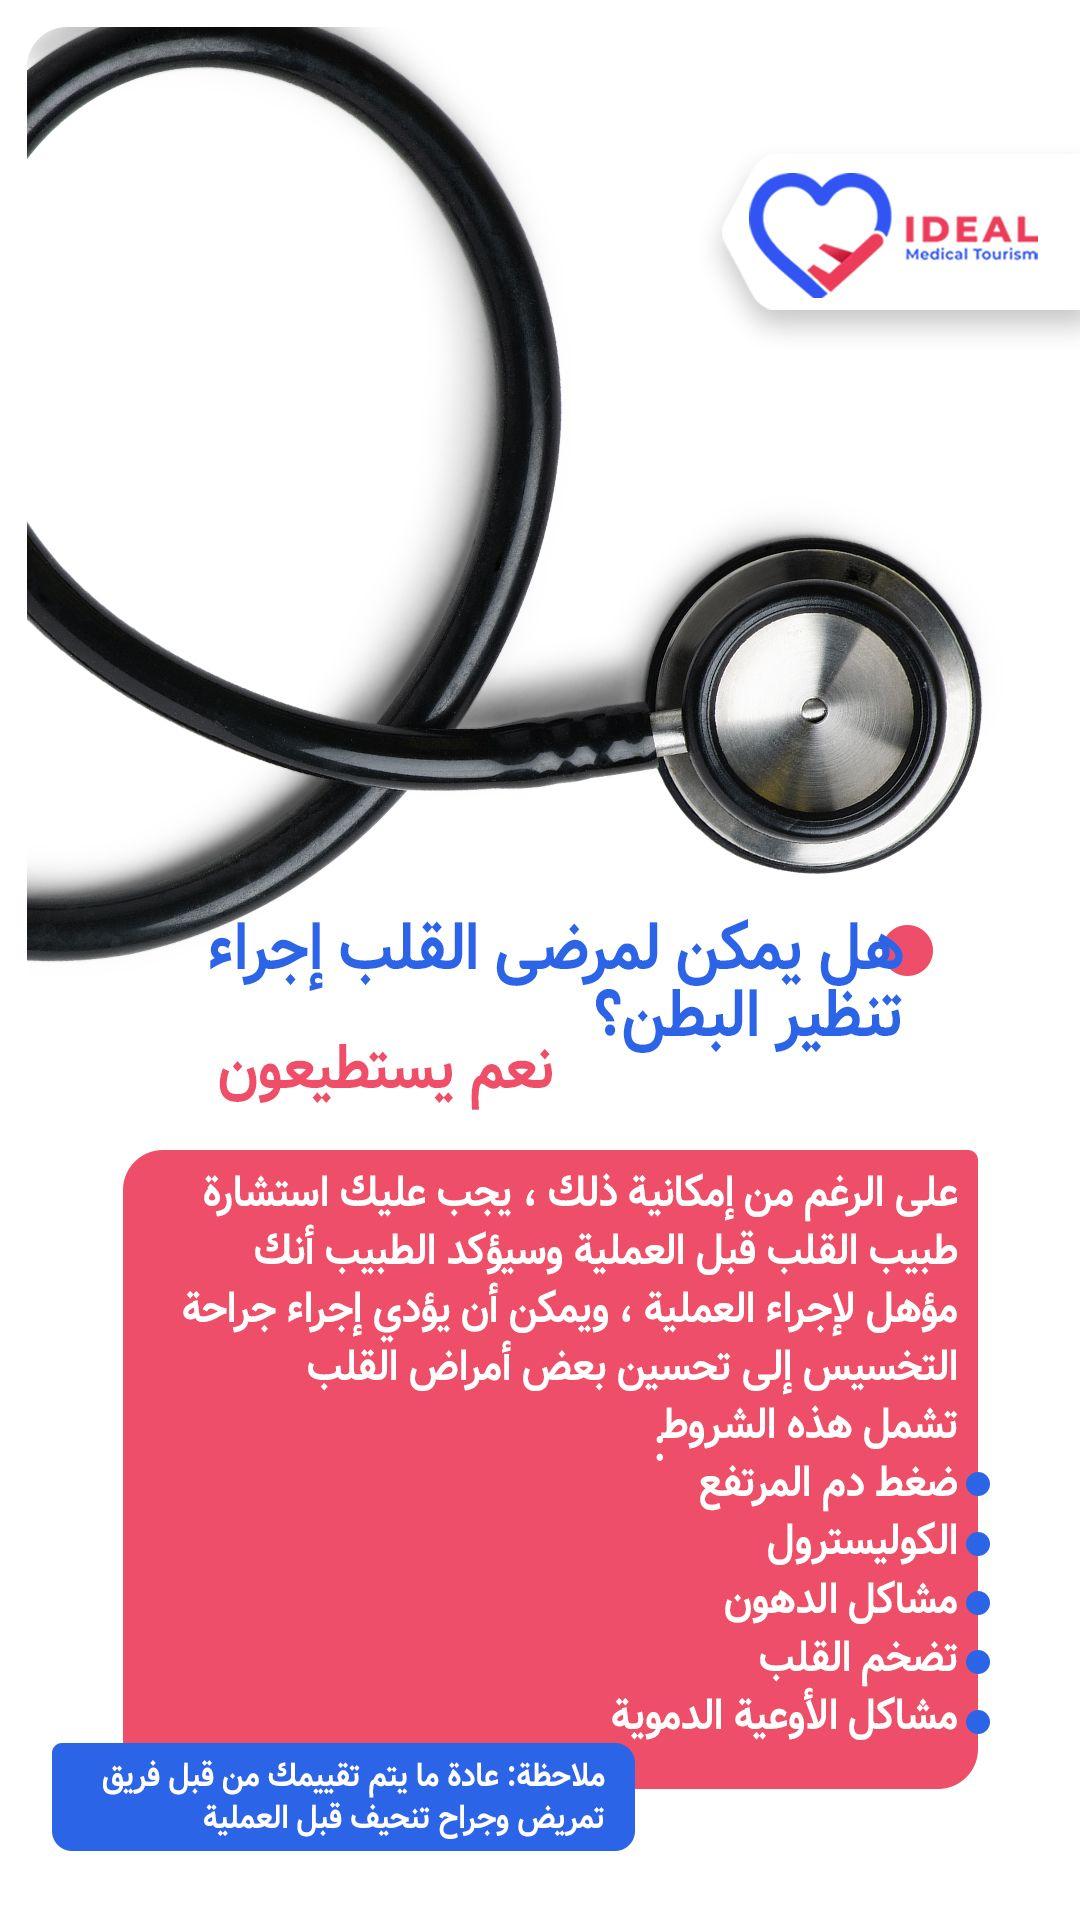 هل يمكن لمرضى القلب إجراء تنظير البطن نعم يستطيعون على الرغم من إمكانية ذلك يجب عليك استشارة طبيب القلب قبل العملية وسيؤكد Medical Tourism Tourism Medical